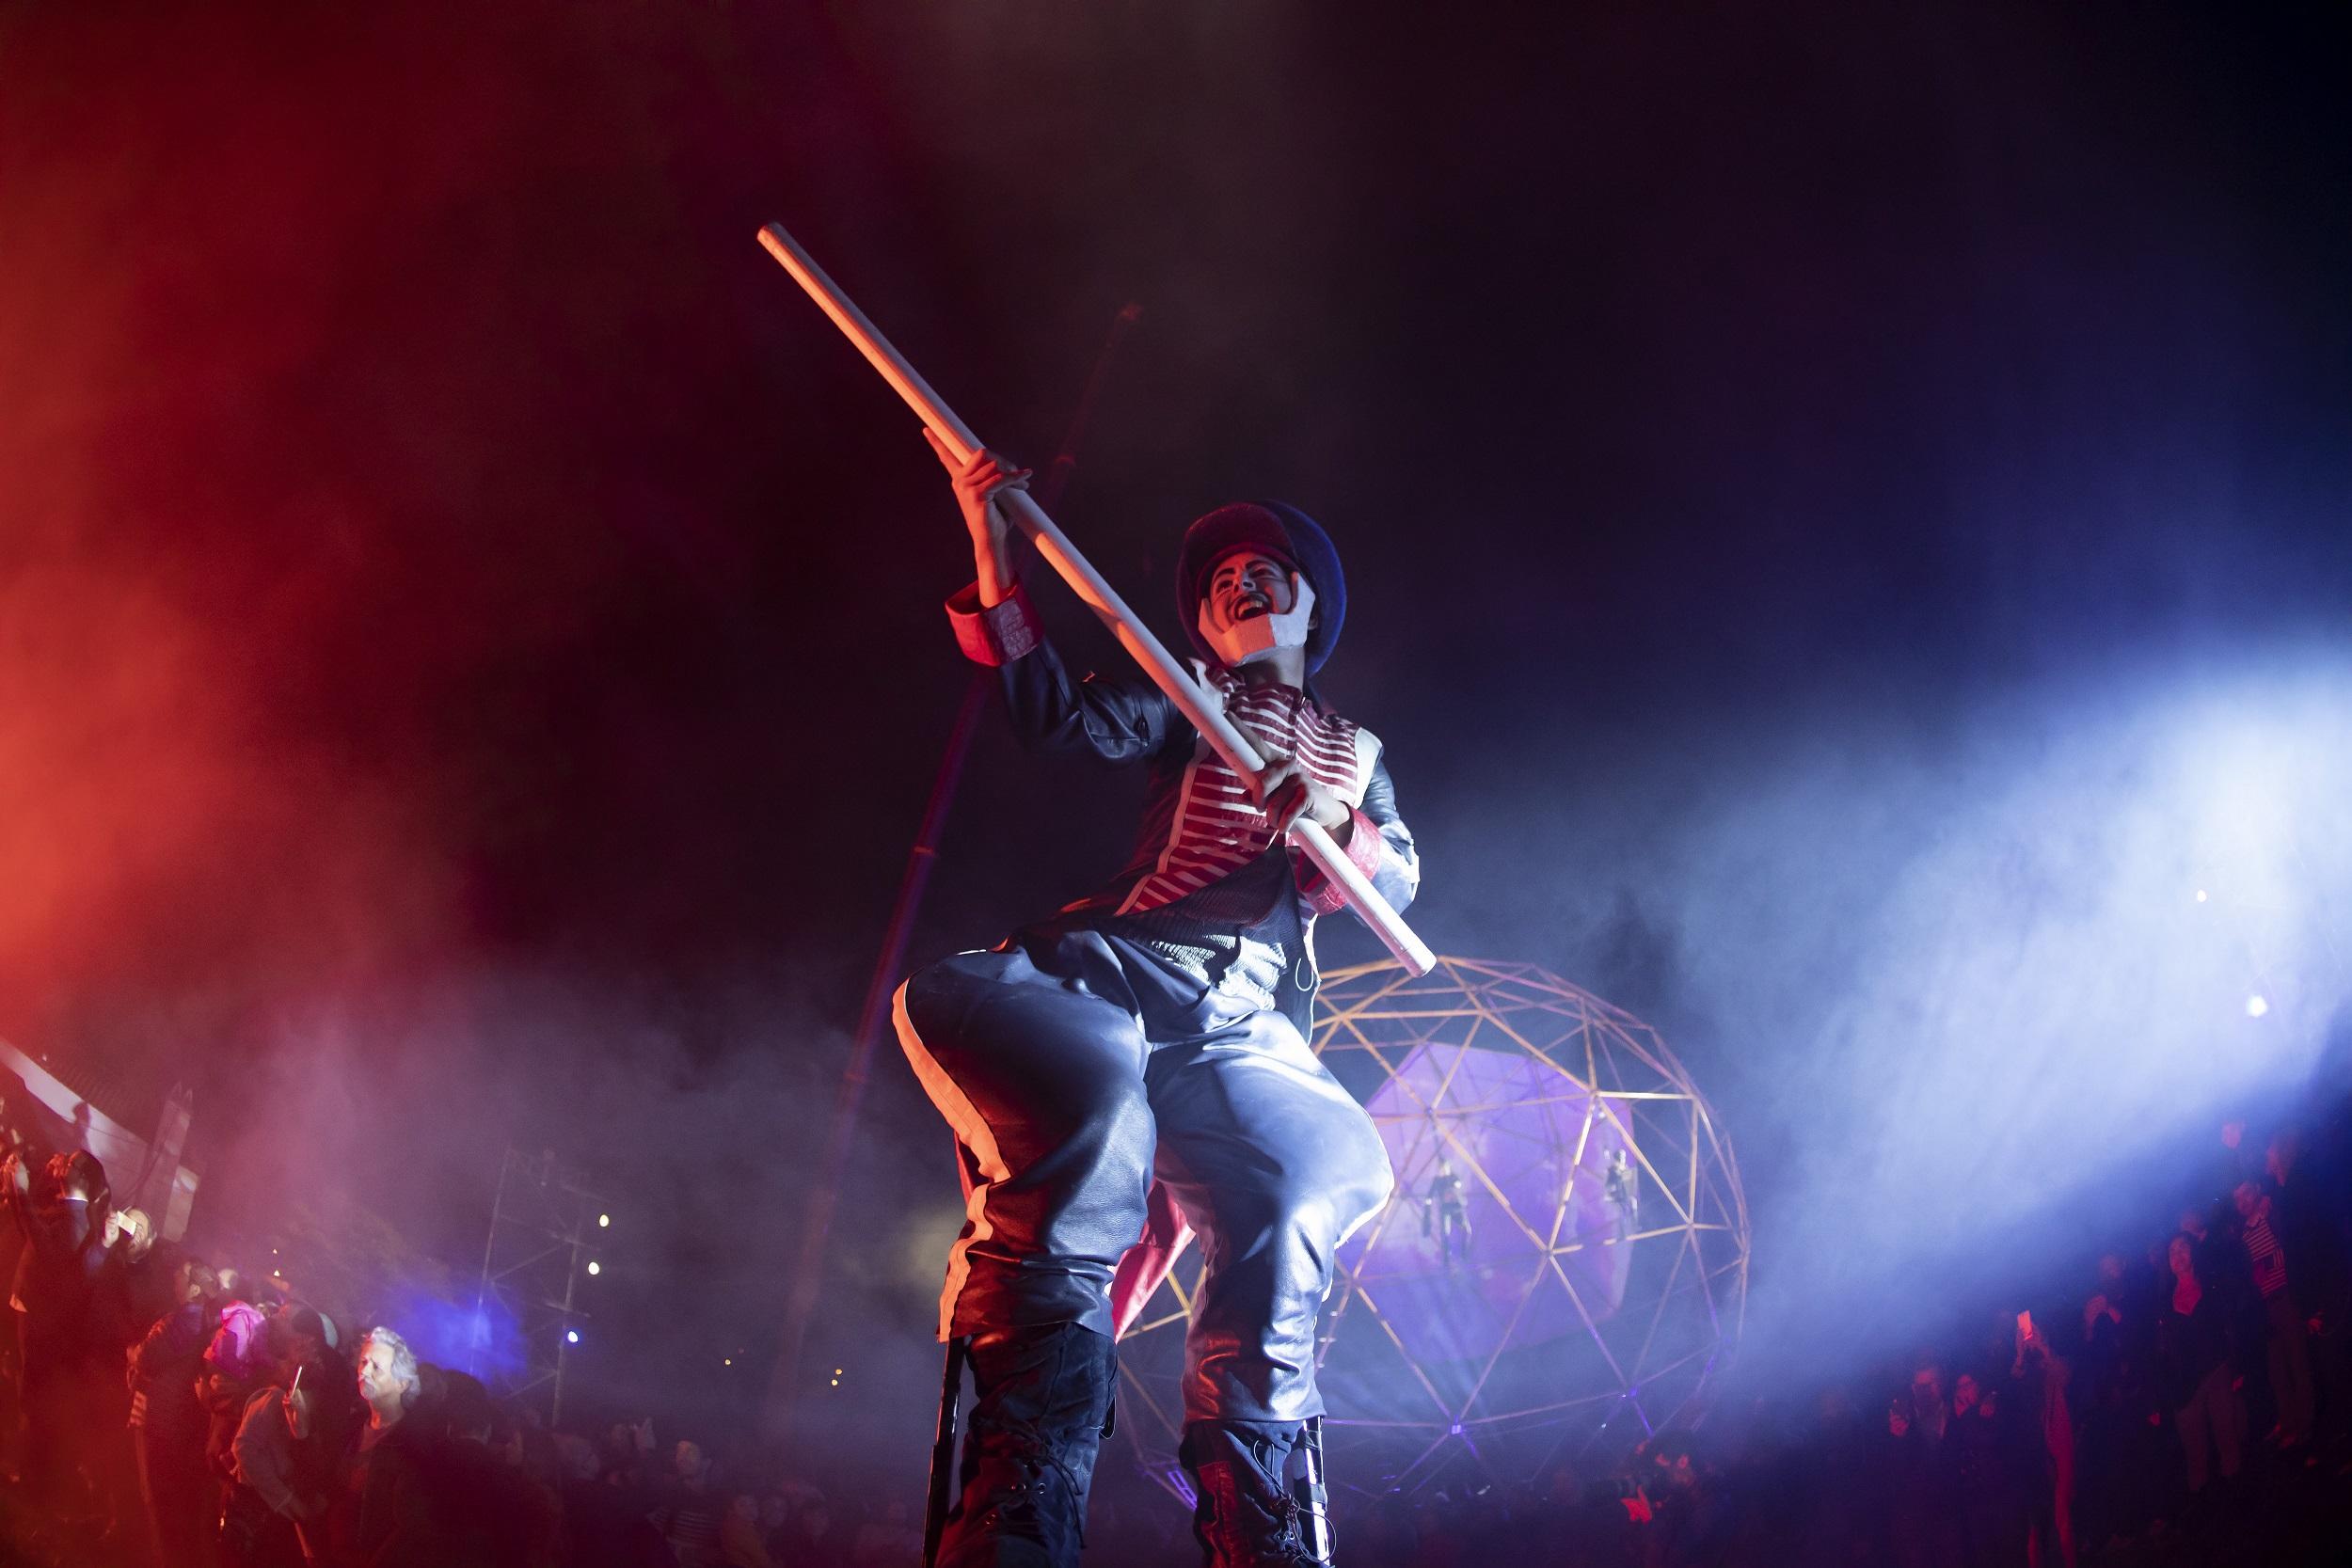 2019 Imaginarius welcomed 90000 spectators 1